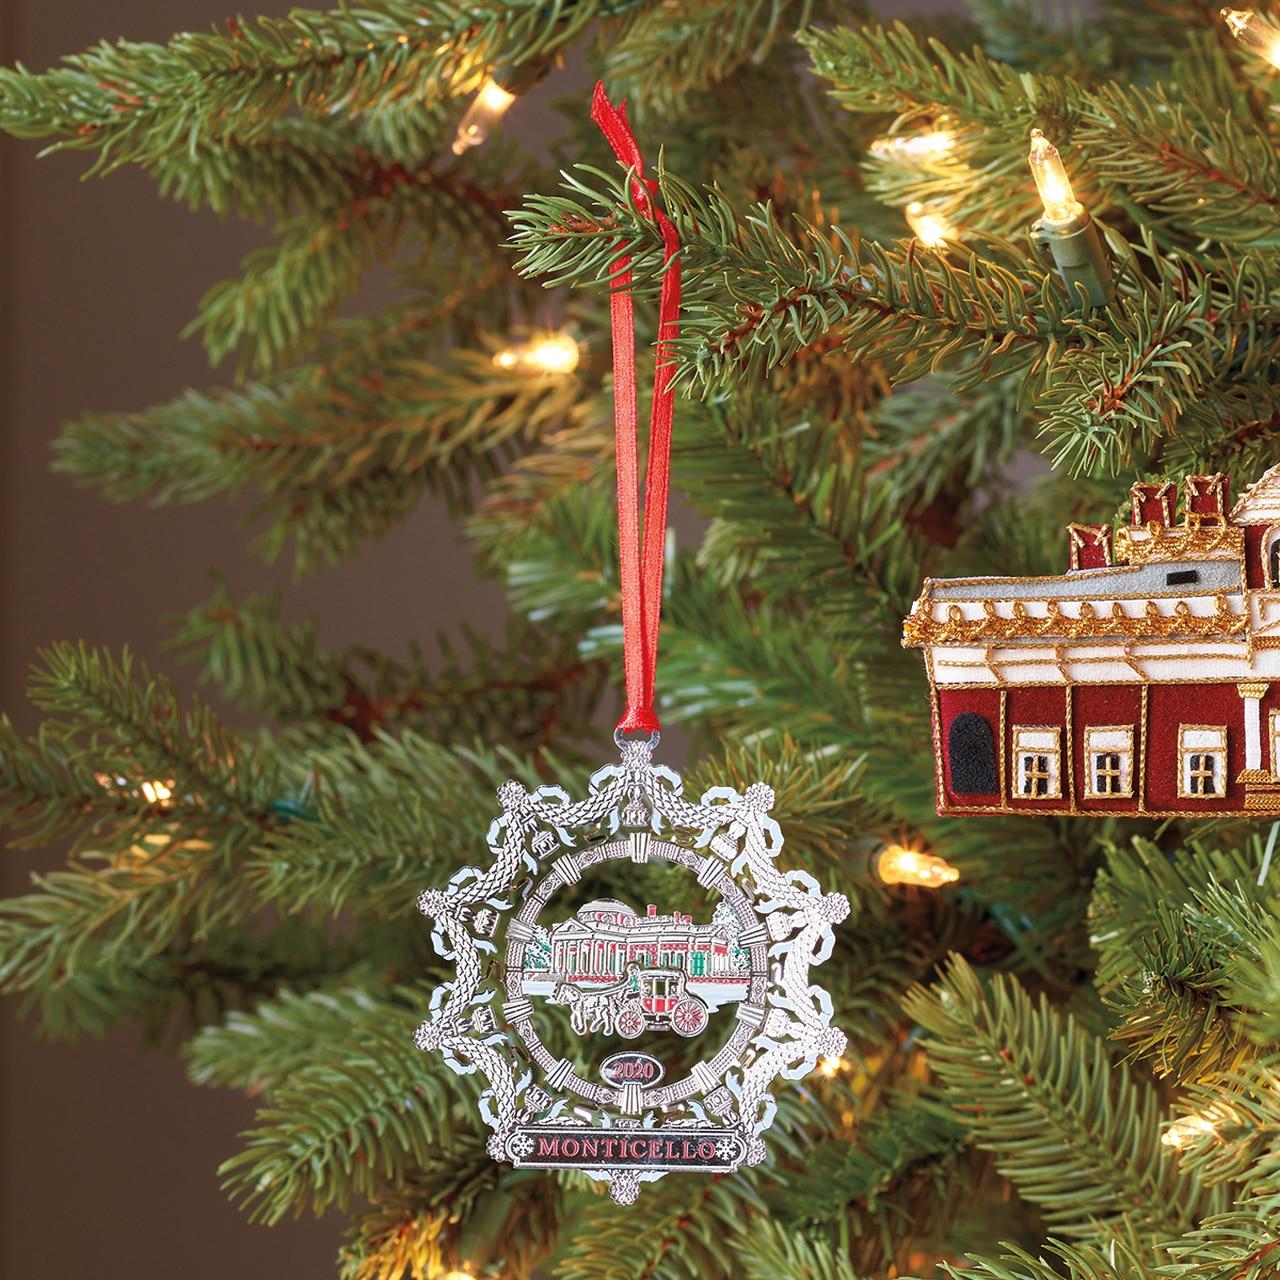 Monticello 2020 Ornament